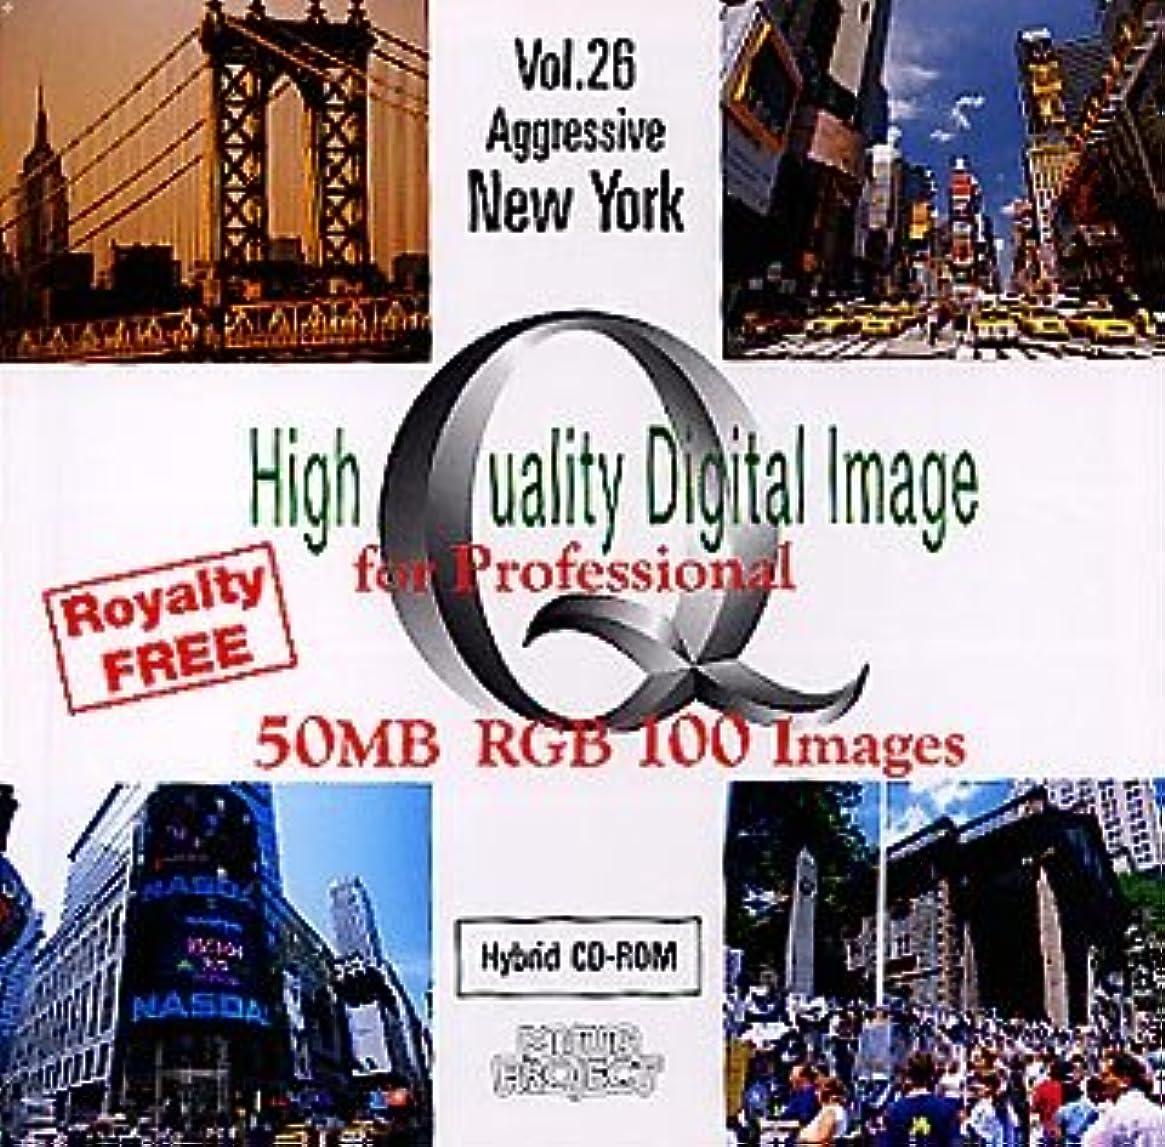 残り物驚くばかり意識的High Quality Digital Image for Professional Vol.26 Aggressive New York